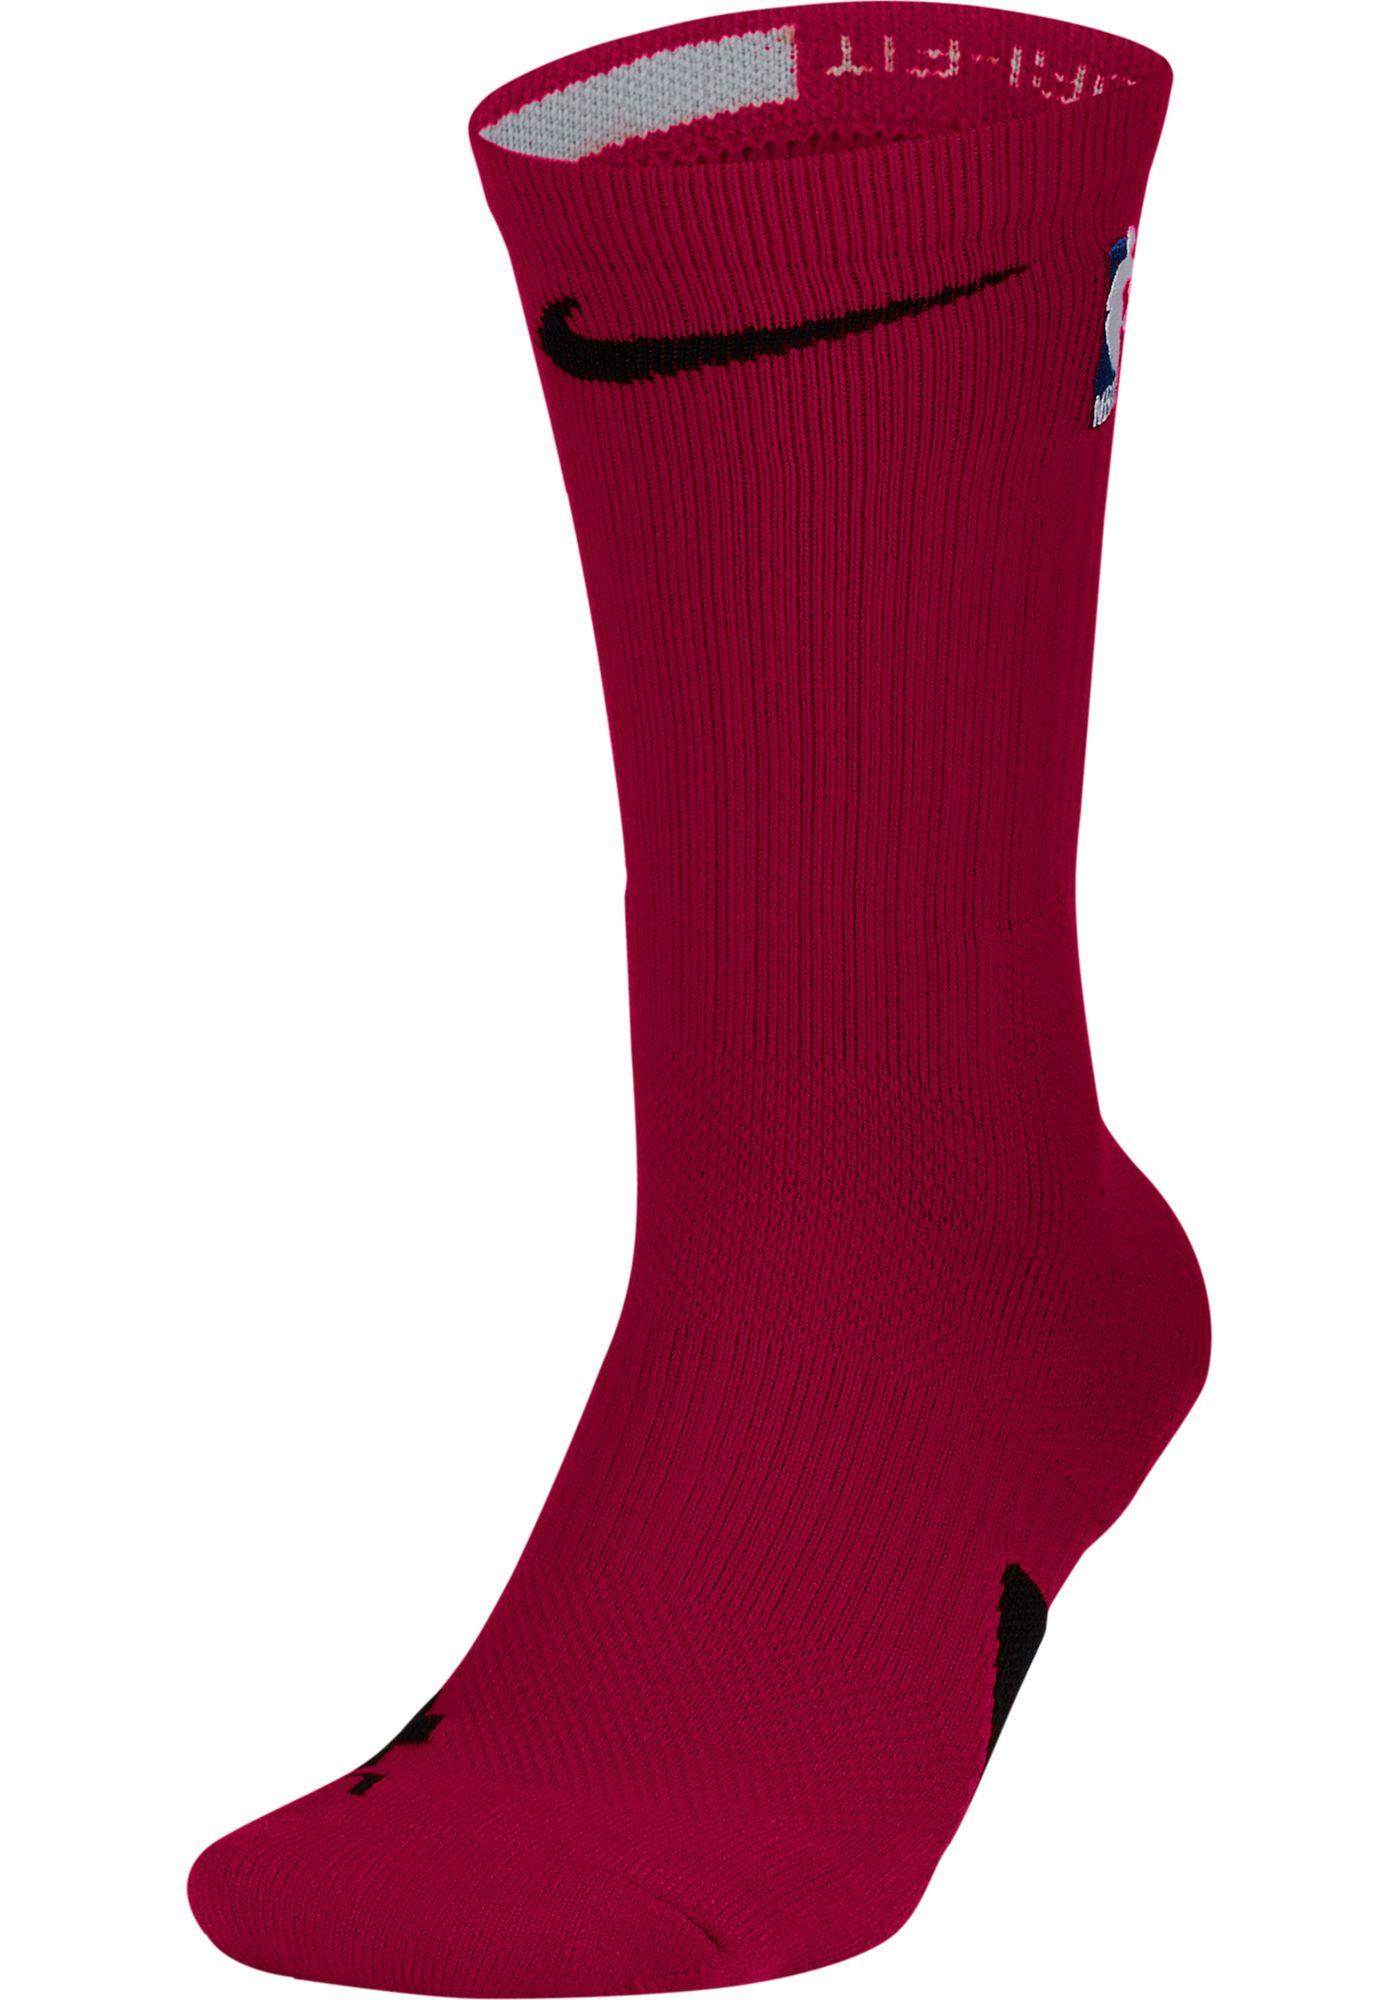 Nike NBA League Burgundy Elite Crew Socks